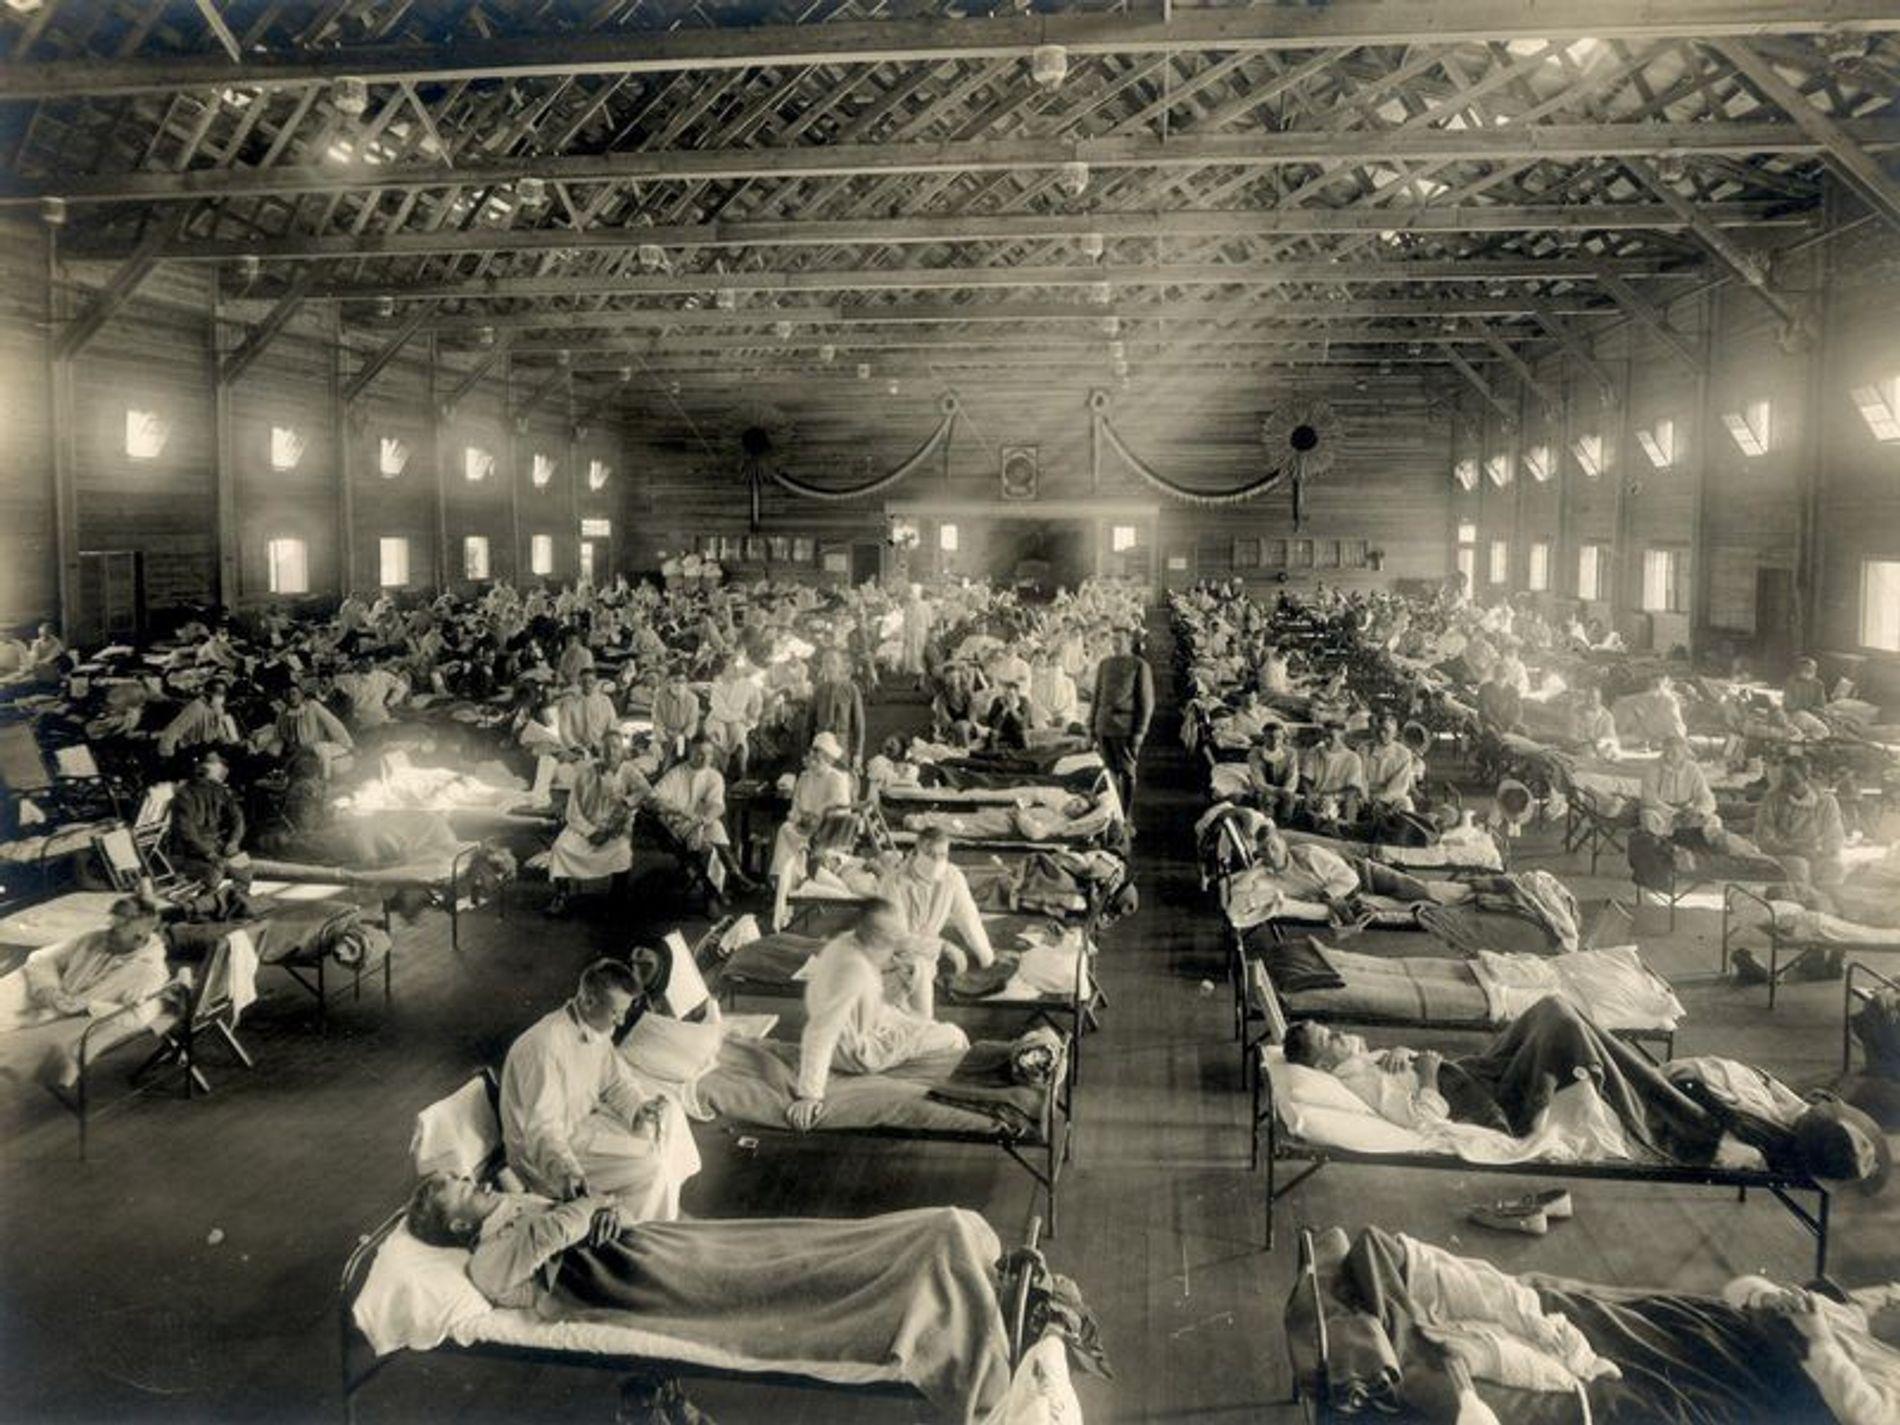 Les premiers cas officiels de grippe espagnole ont été enregistrés en 1918 au camp Funston de l'armée américaine, au Kansas, où cette salle d'urgence a accueilli tous les malades.